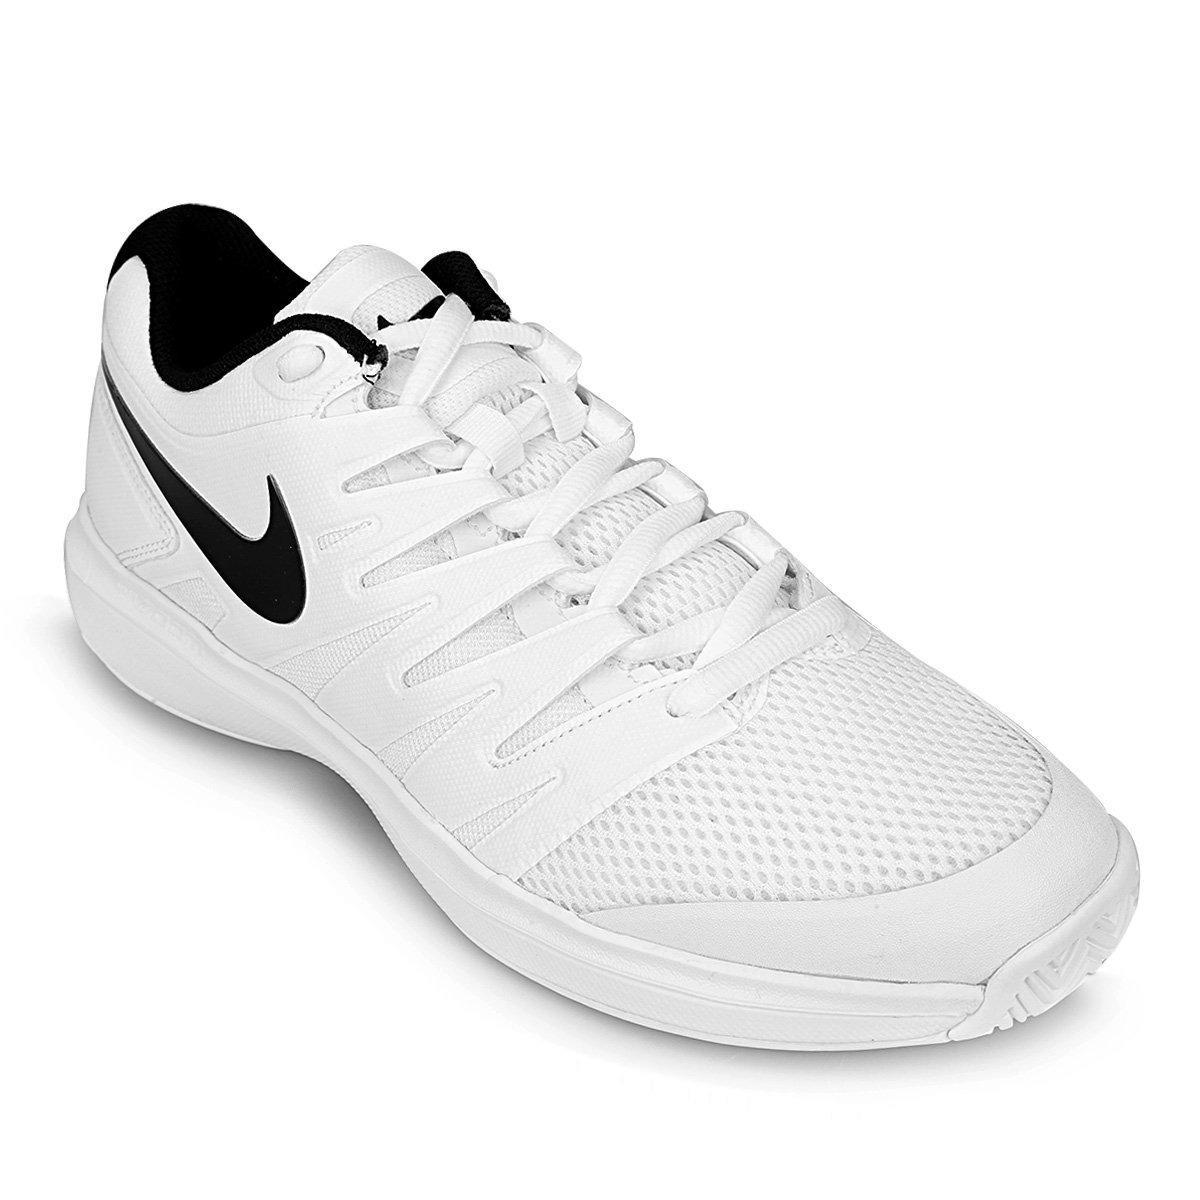 Nike Air Zoom blancas